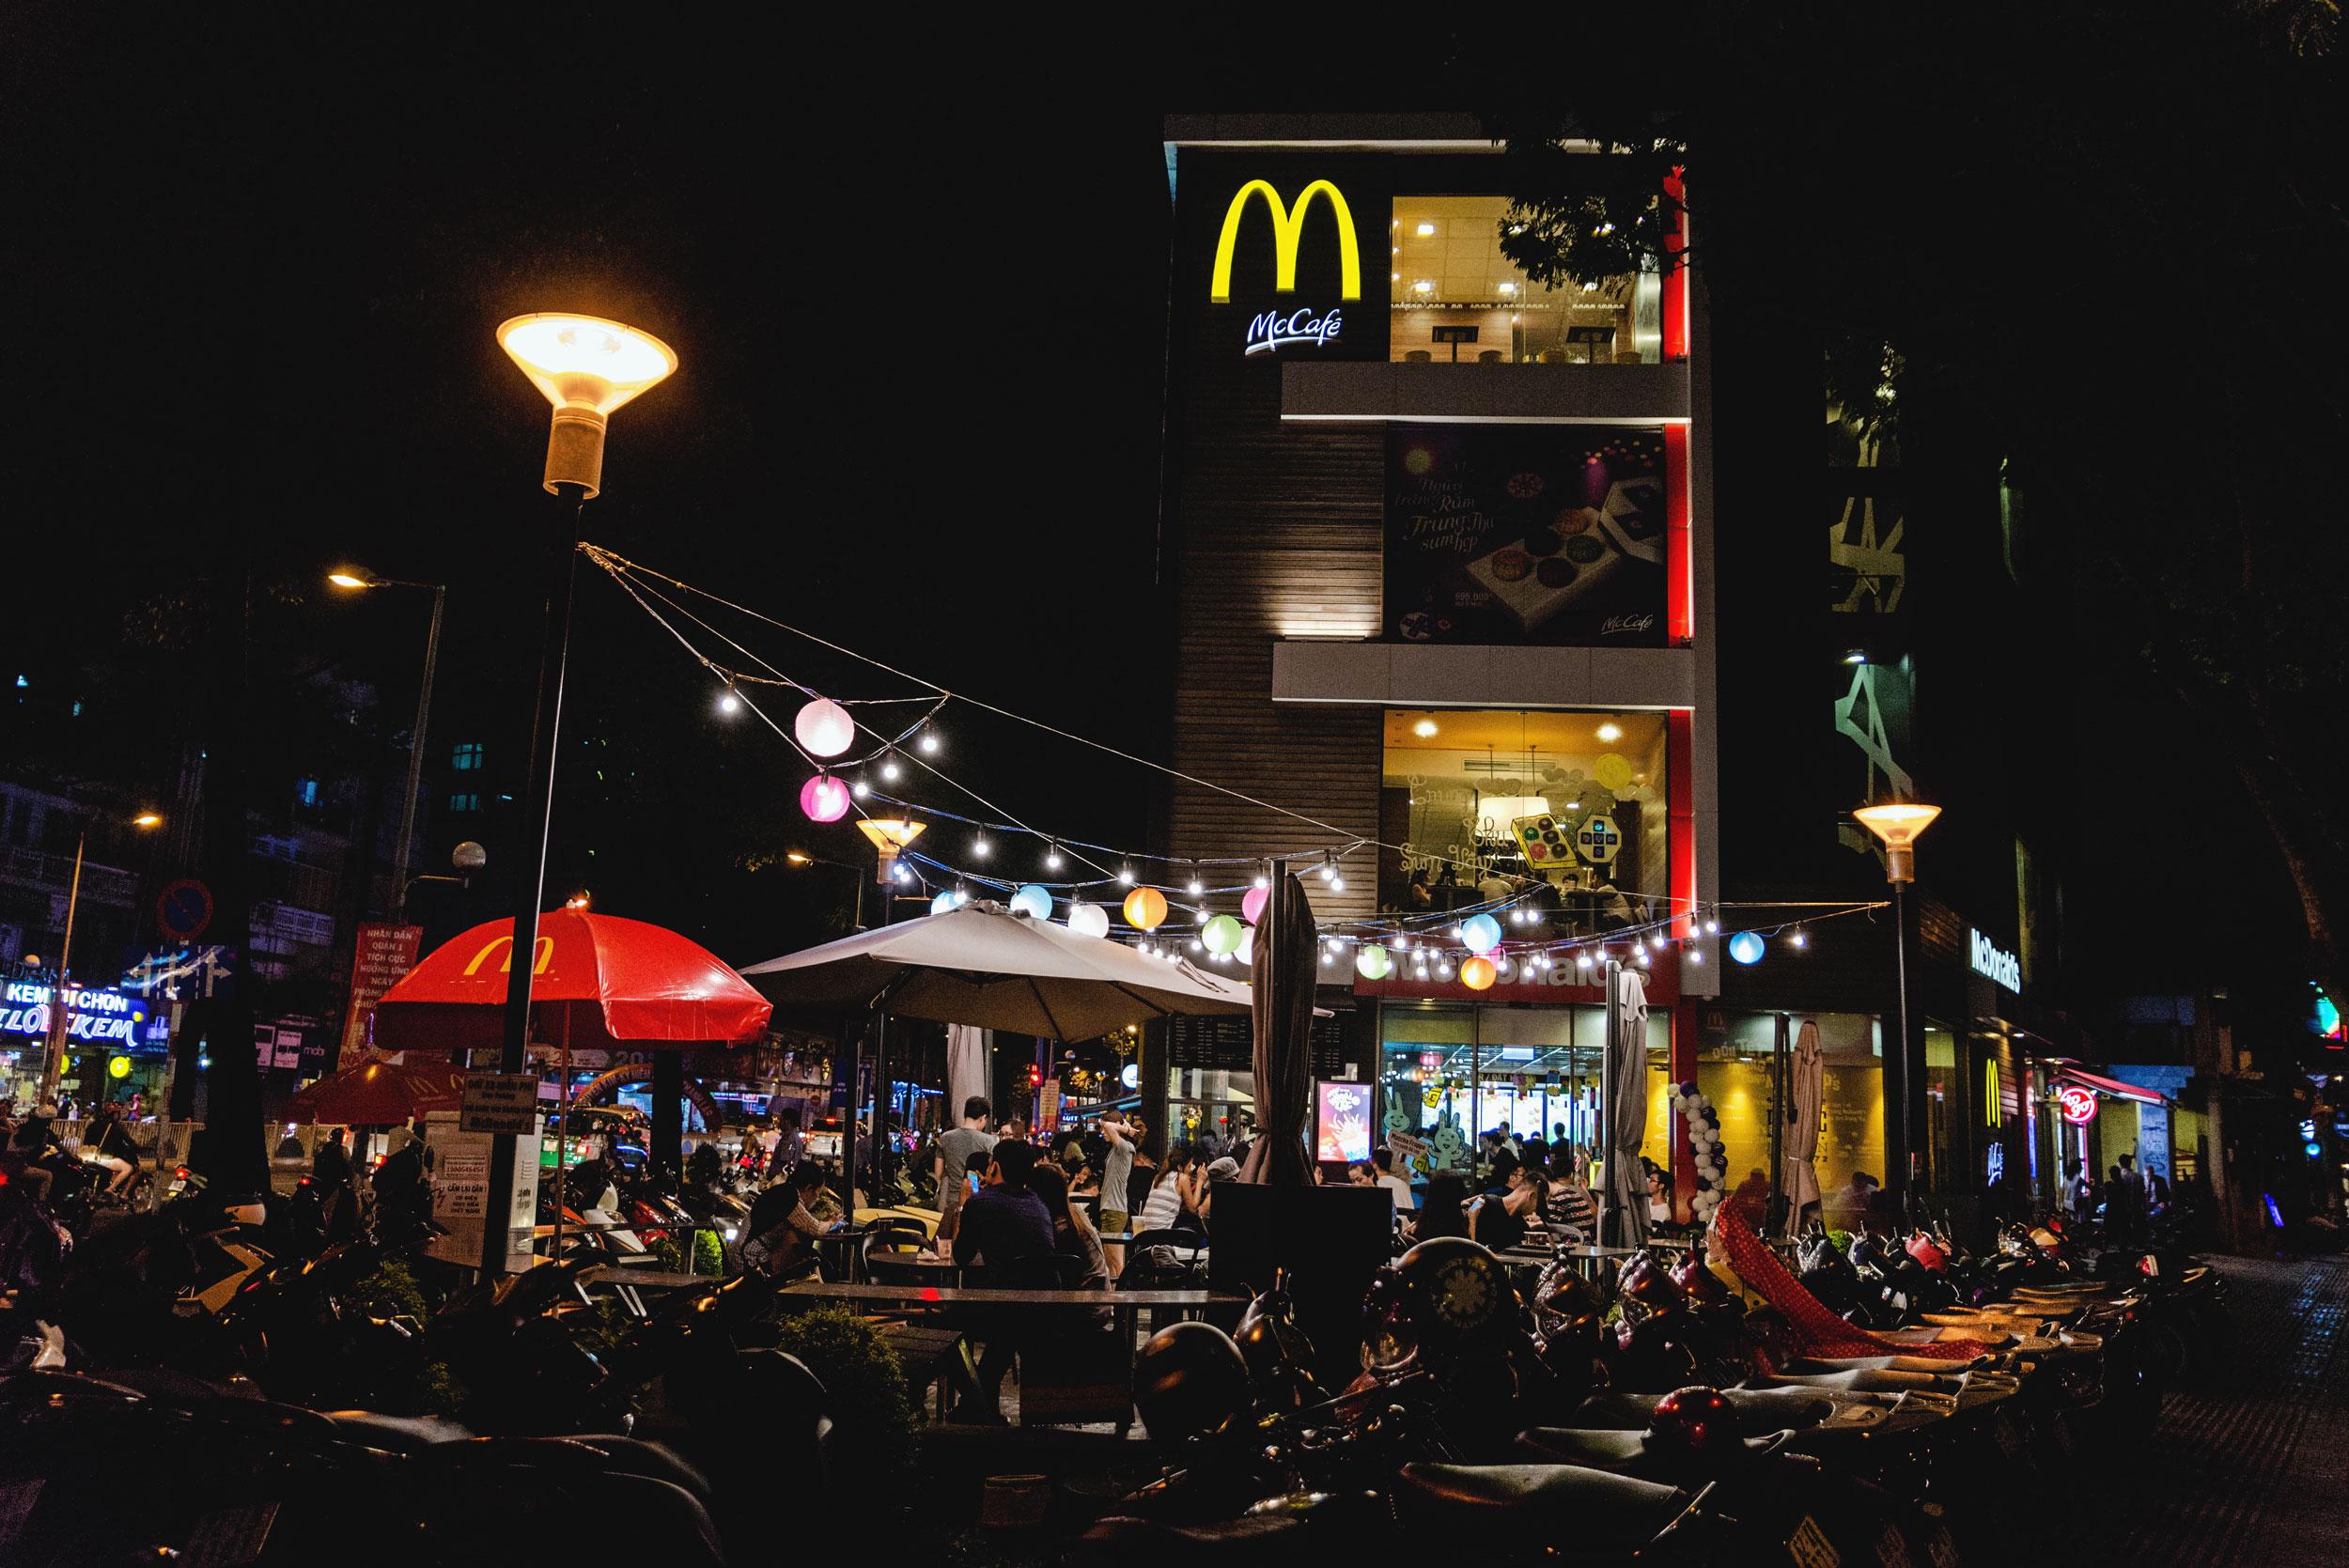 vietnam-hochimin-mcdonalds-01.jpg